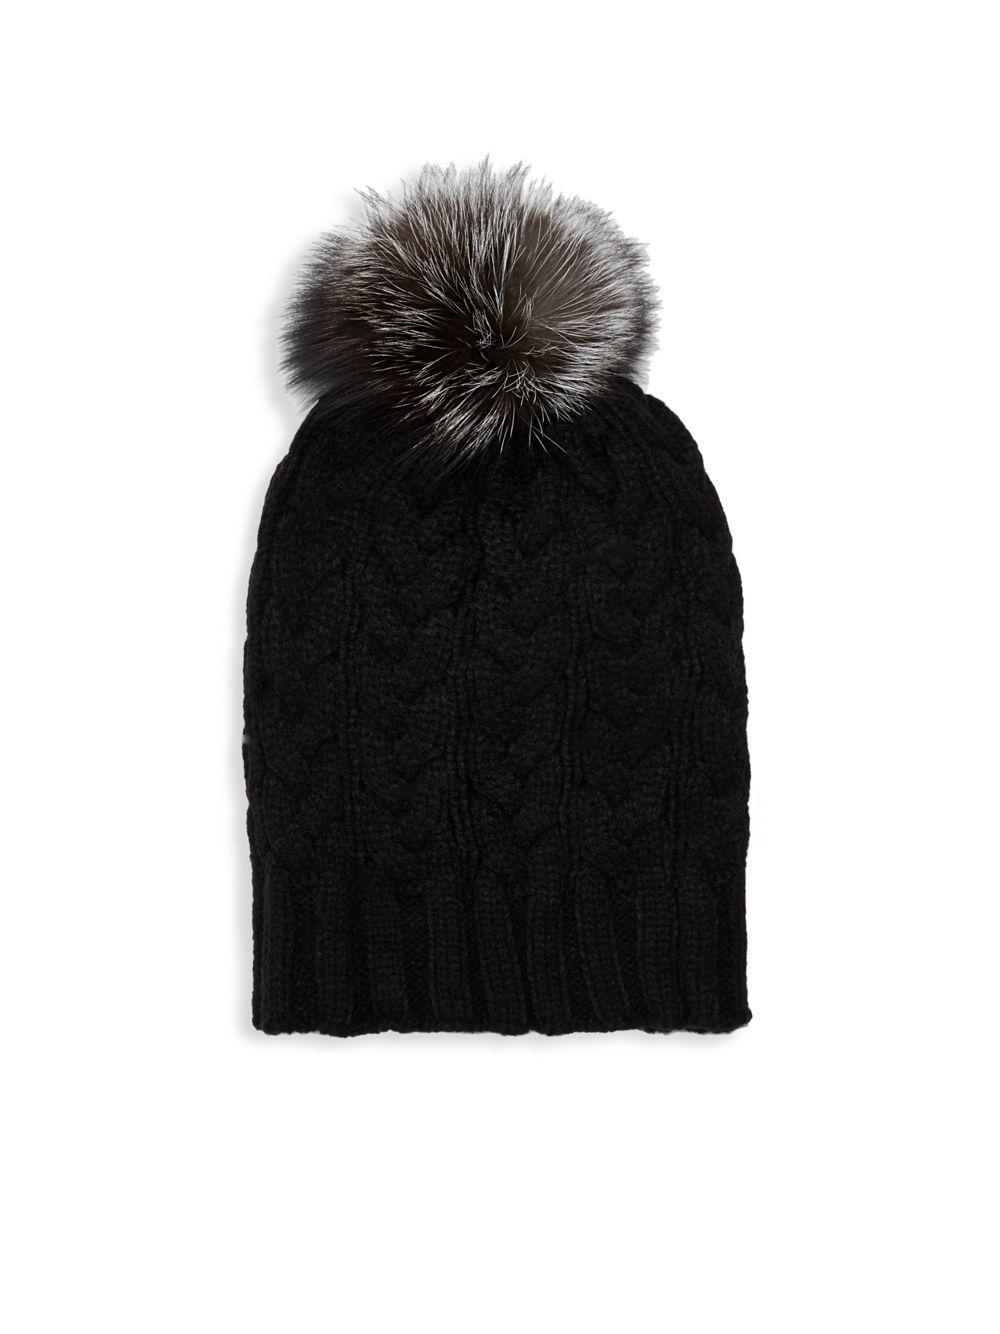 5a236c28102 Lyst - Adrienne Landau Natural Fox Fur Pom Pom Hat in Black